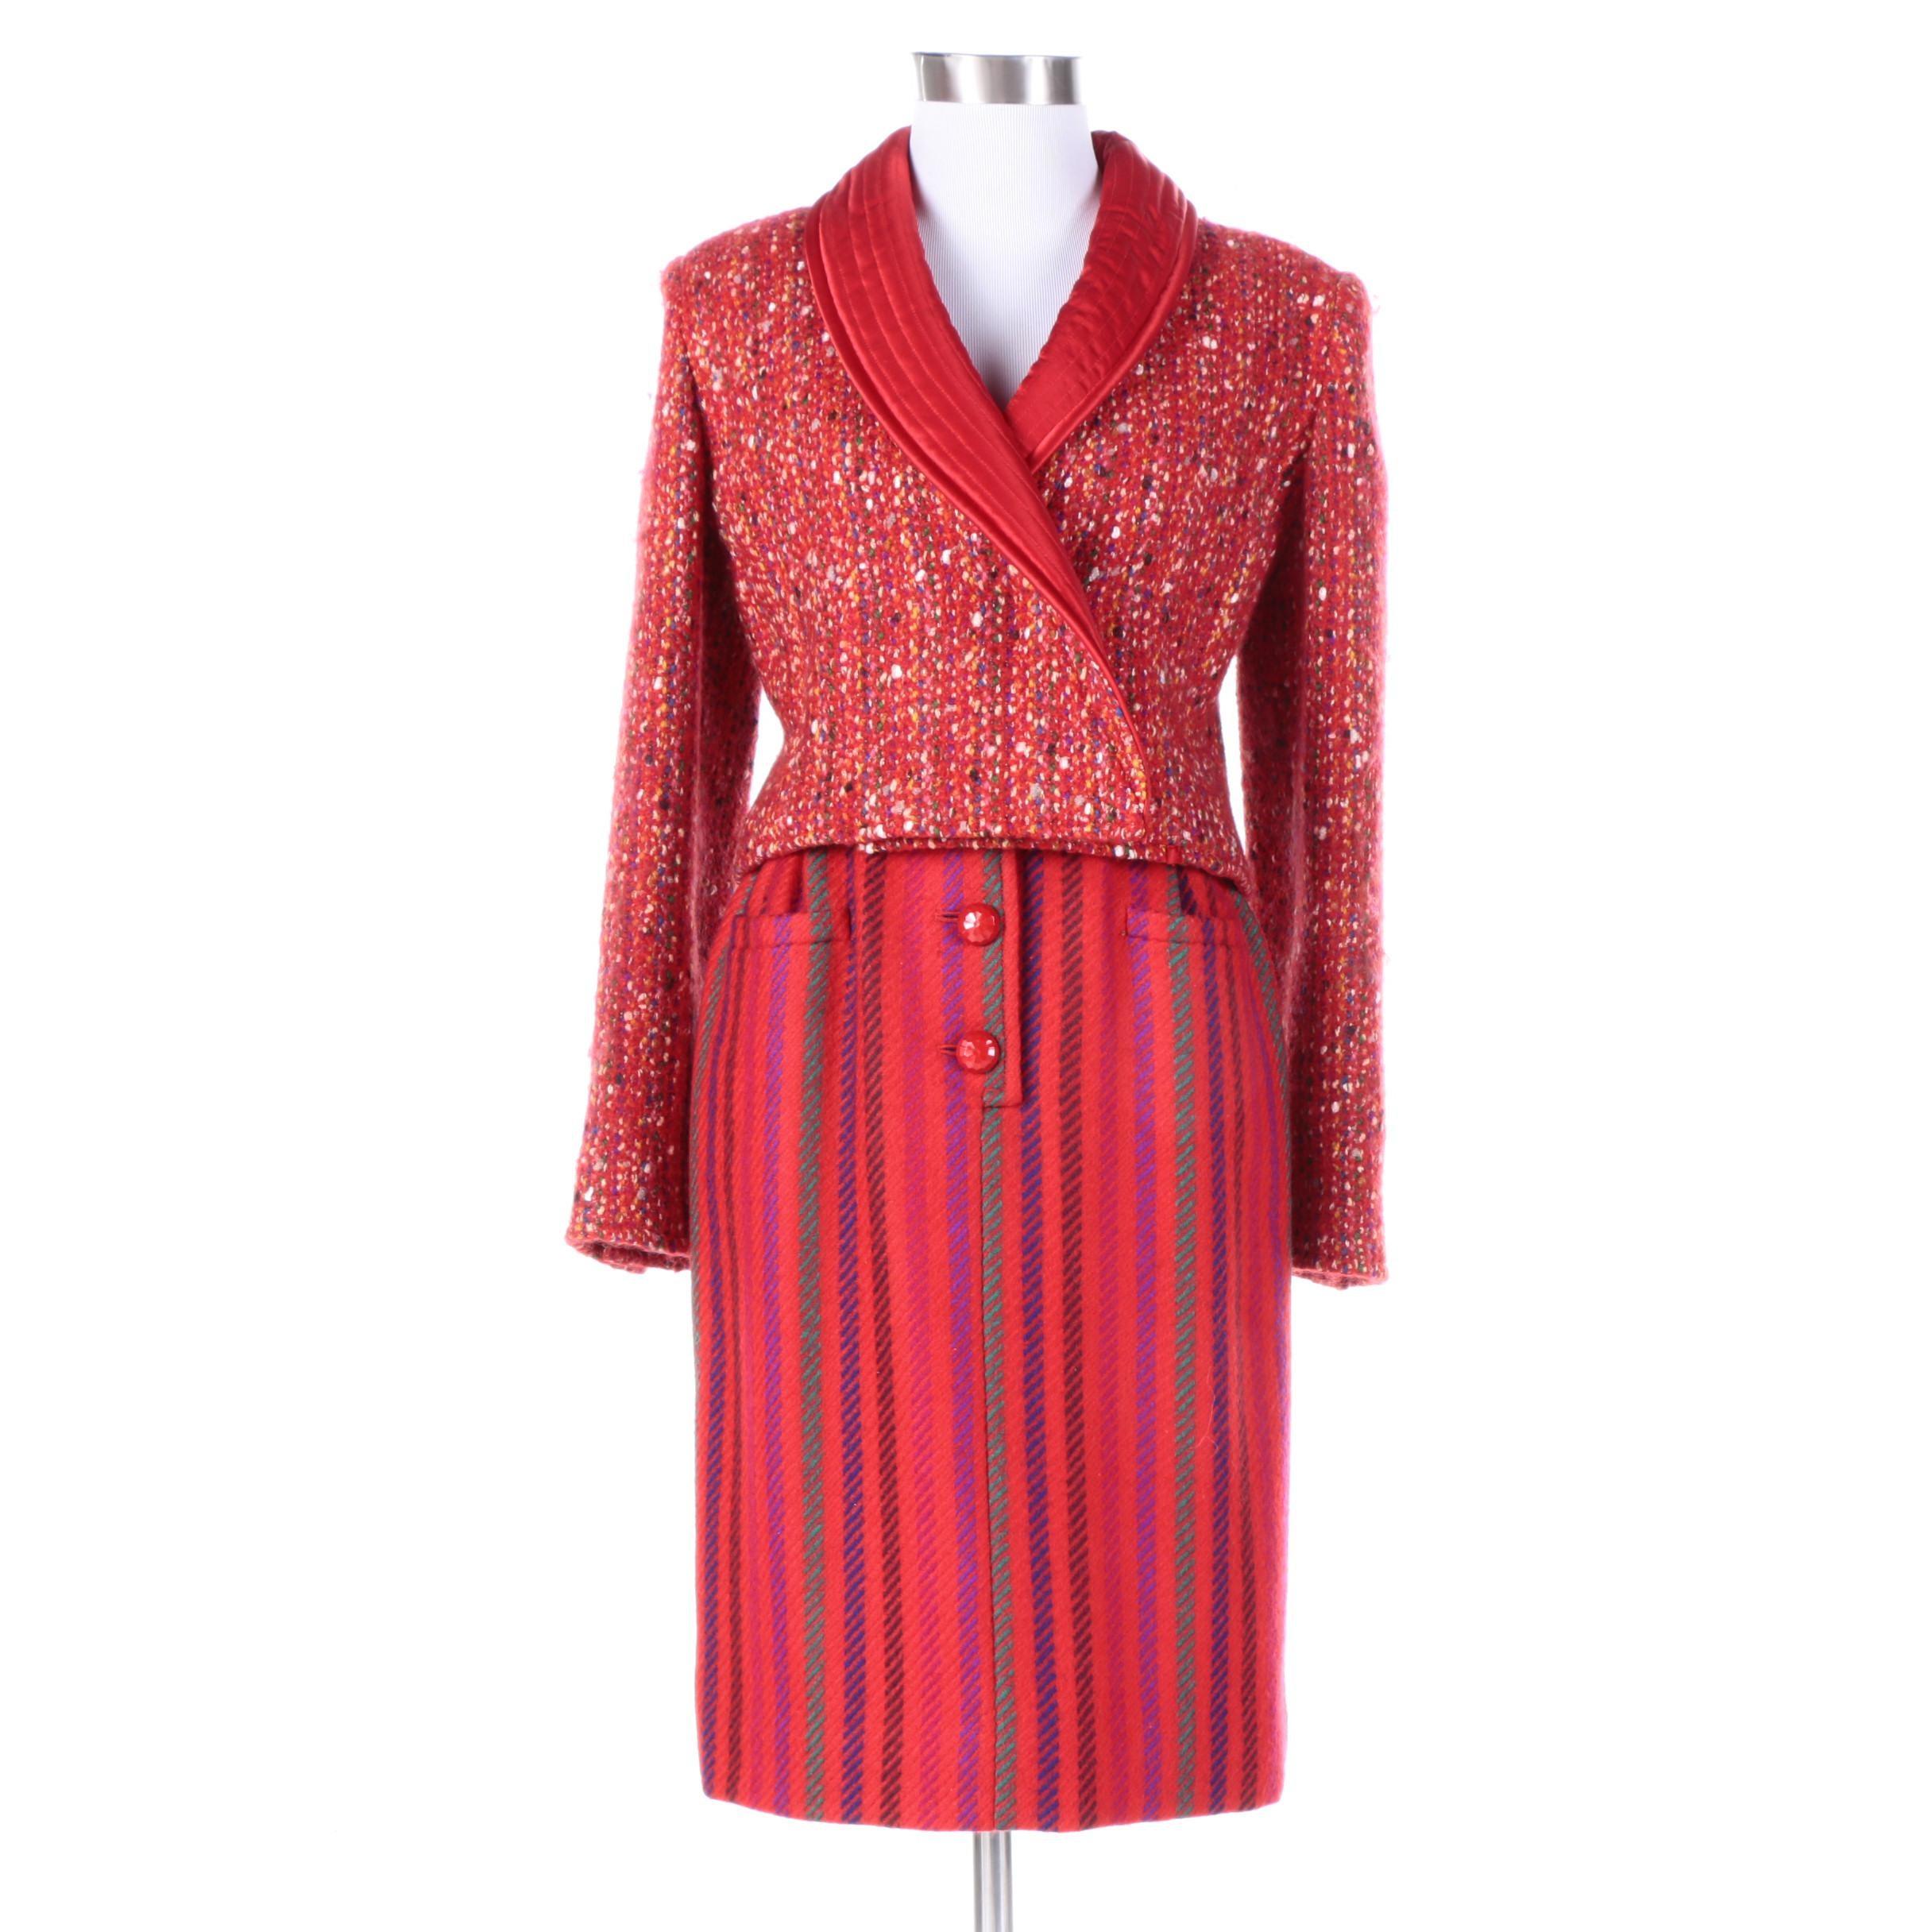 Vintage Valentino Boutique Skirt Suit